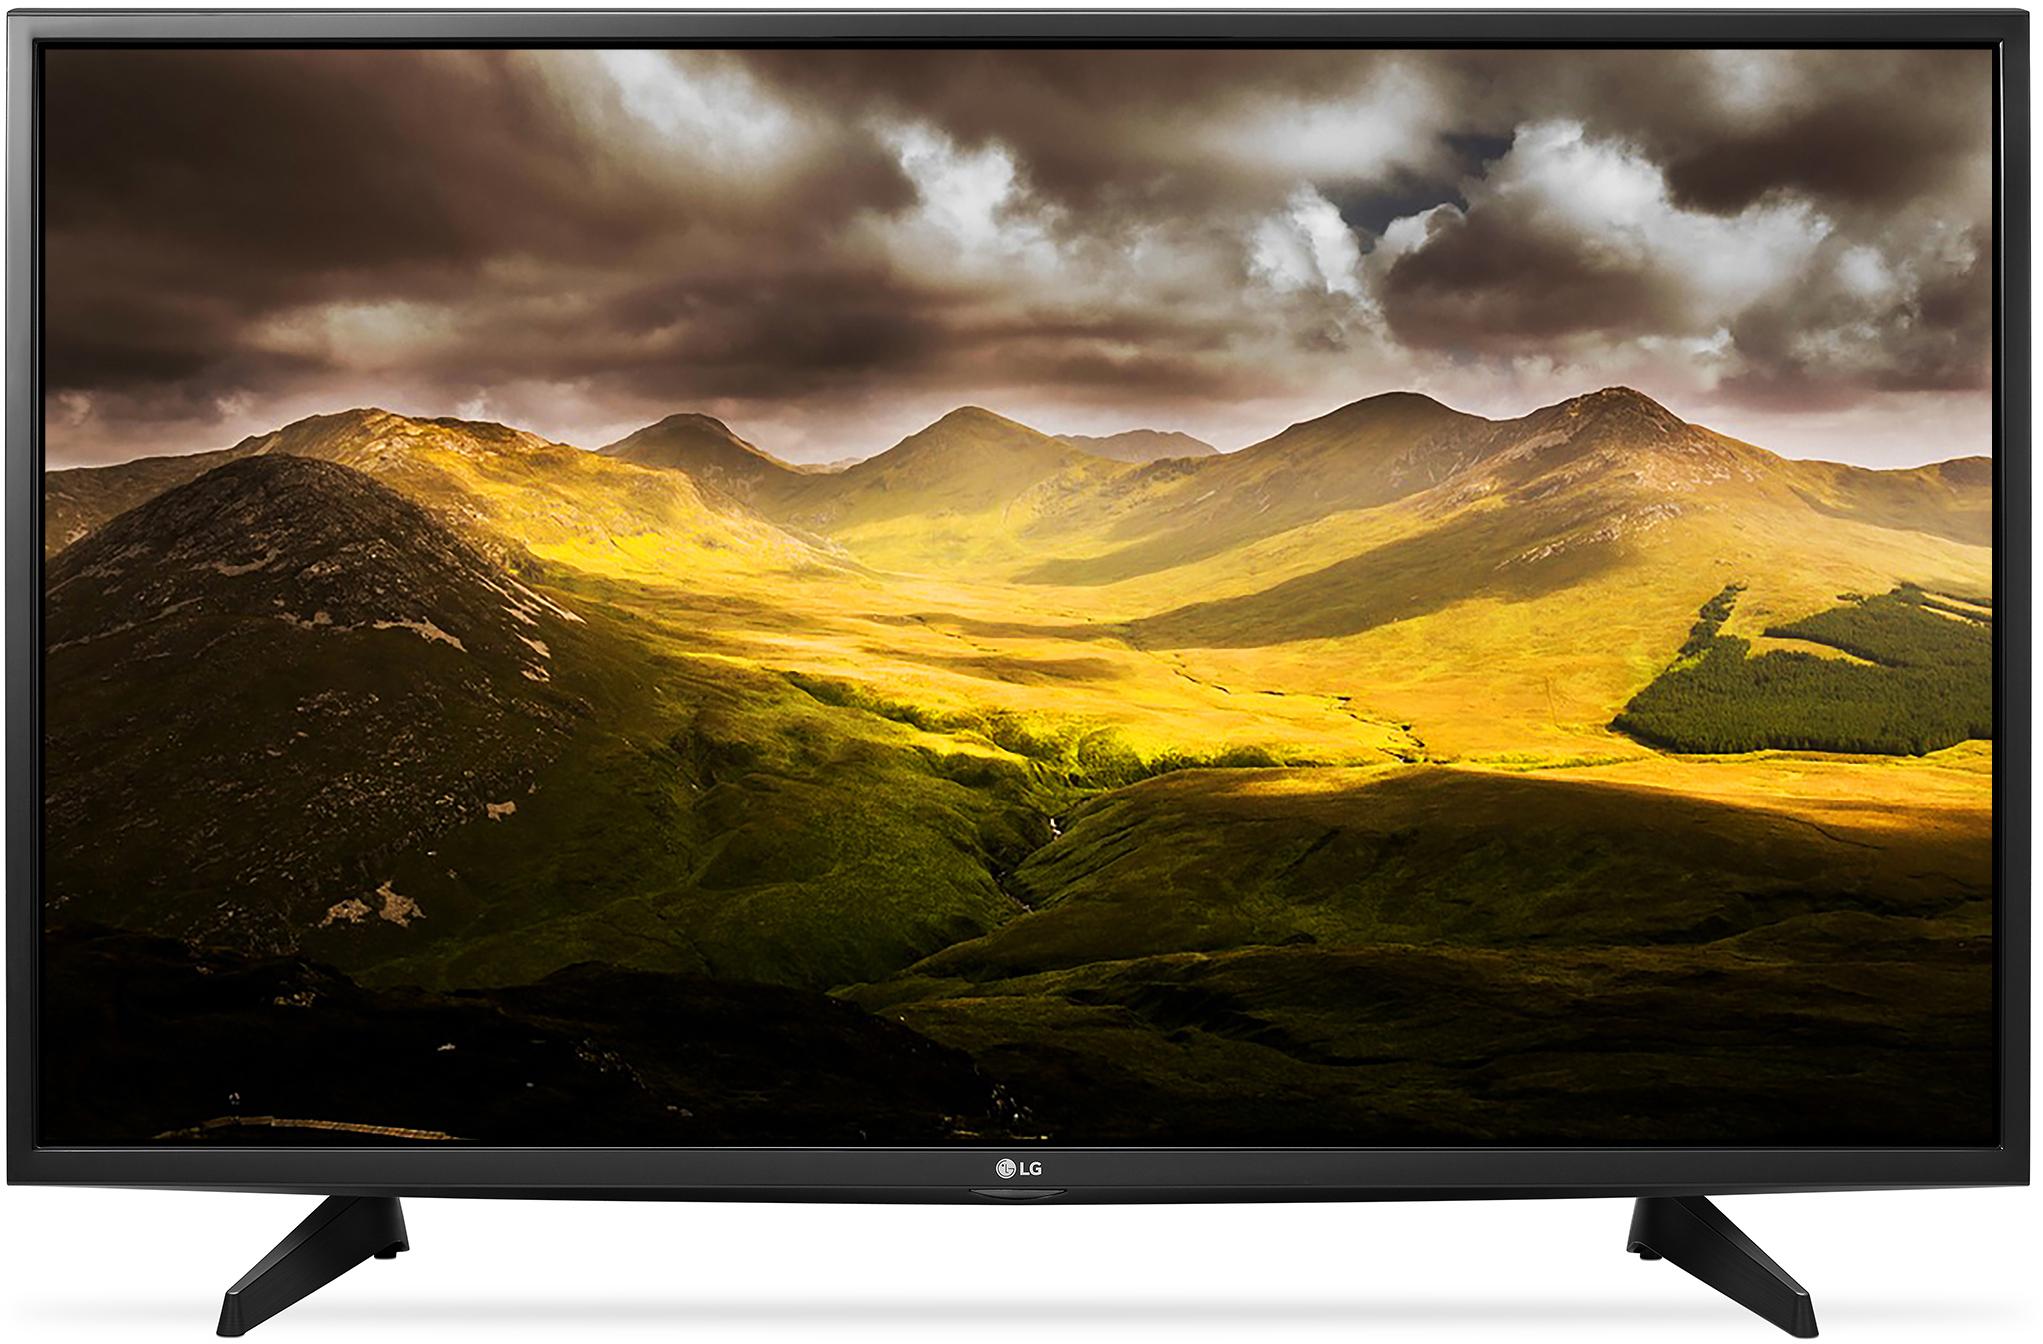 Телевизор LED LG 49LH570V lg 49lh570v smart